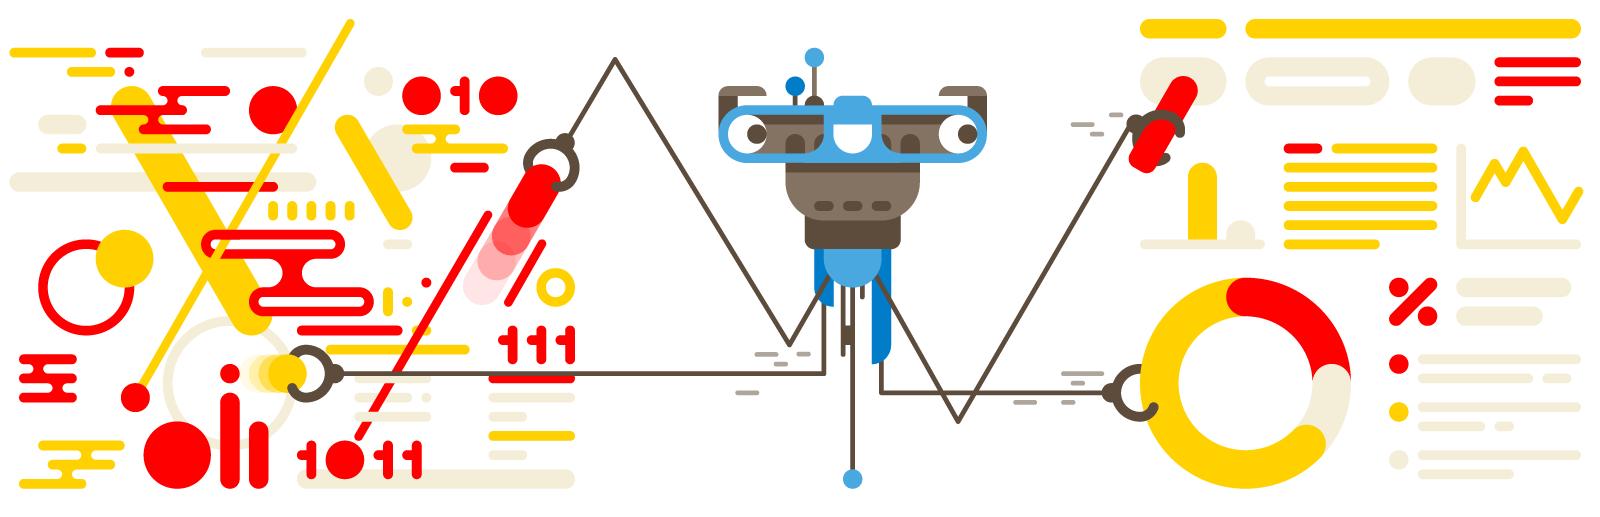 Эволюция структур данных в Яндекс.Метрике - 1